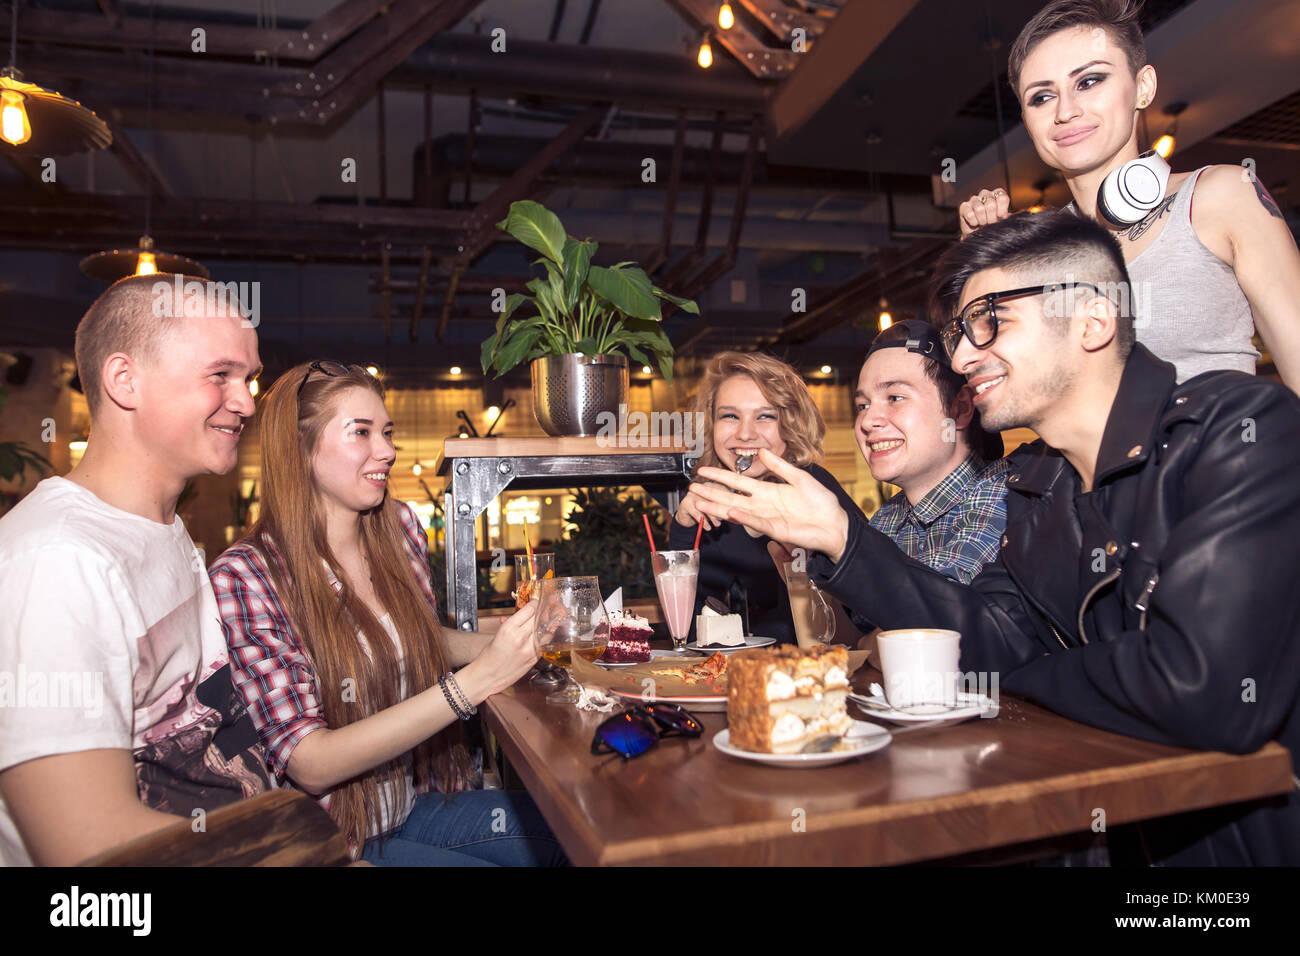 Amigos tomando un café juntos. la mujer y el hombre en el cafe, hablando, riendo Imagen De Stock